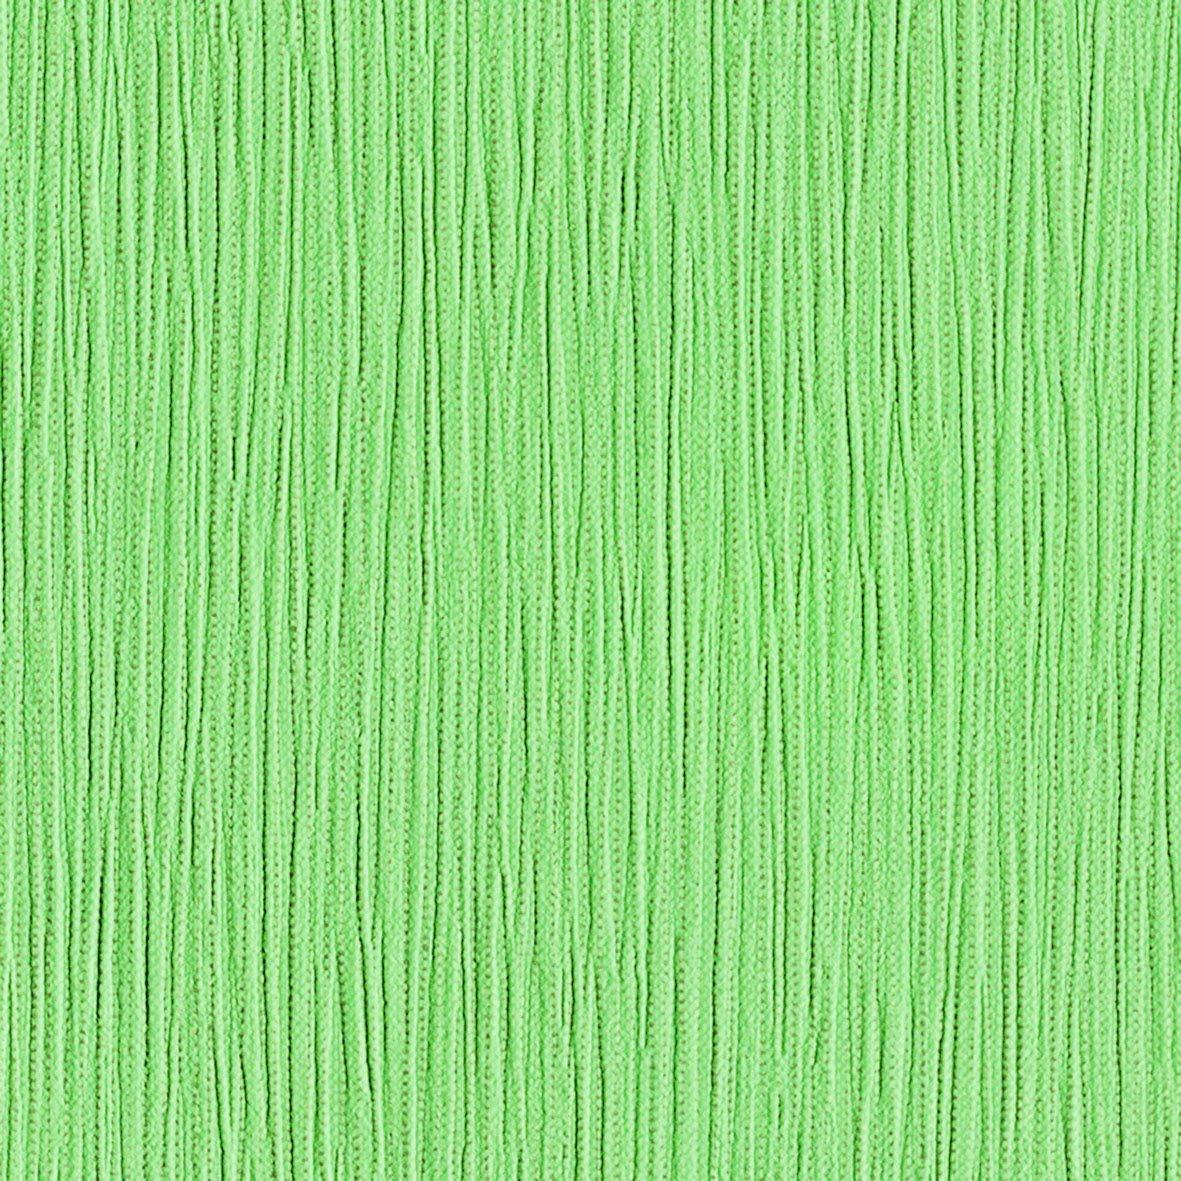 リリカラ 壁紙28m シンフル ストライプ グリーン LL-8614 B01N3KW8CG 28m|グリーン1